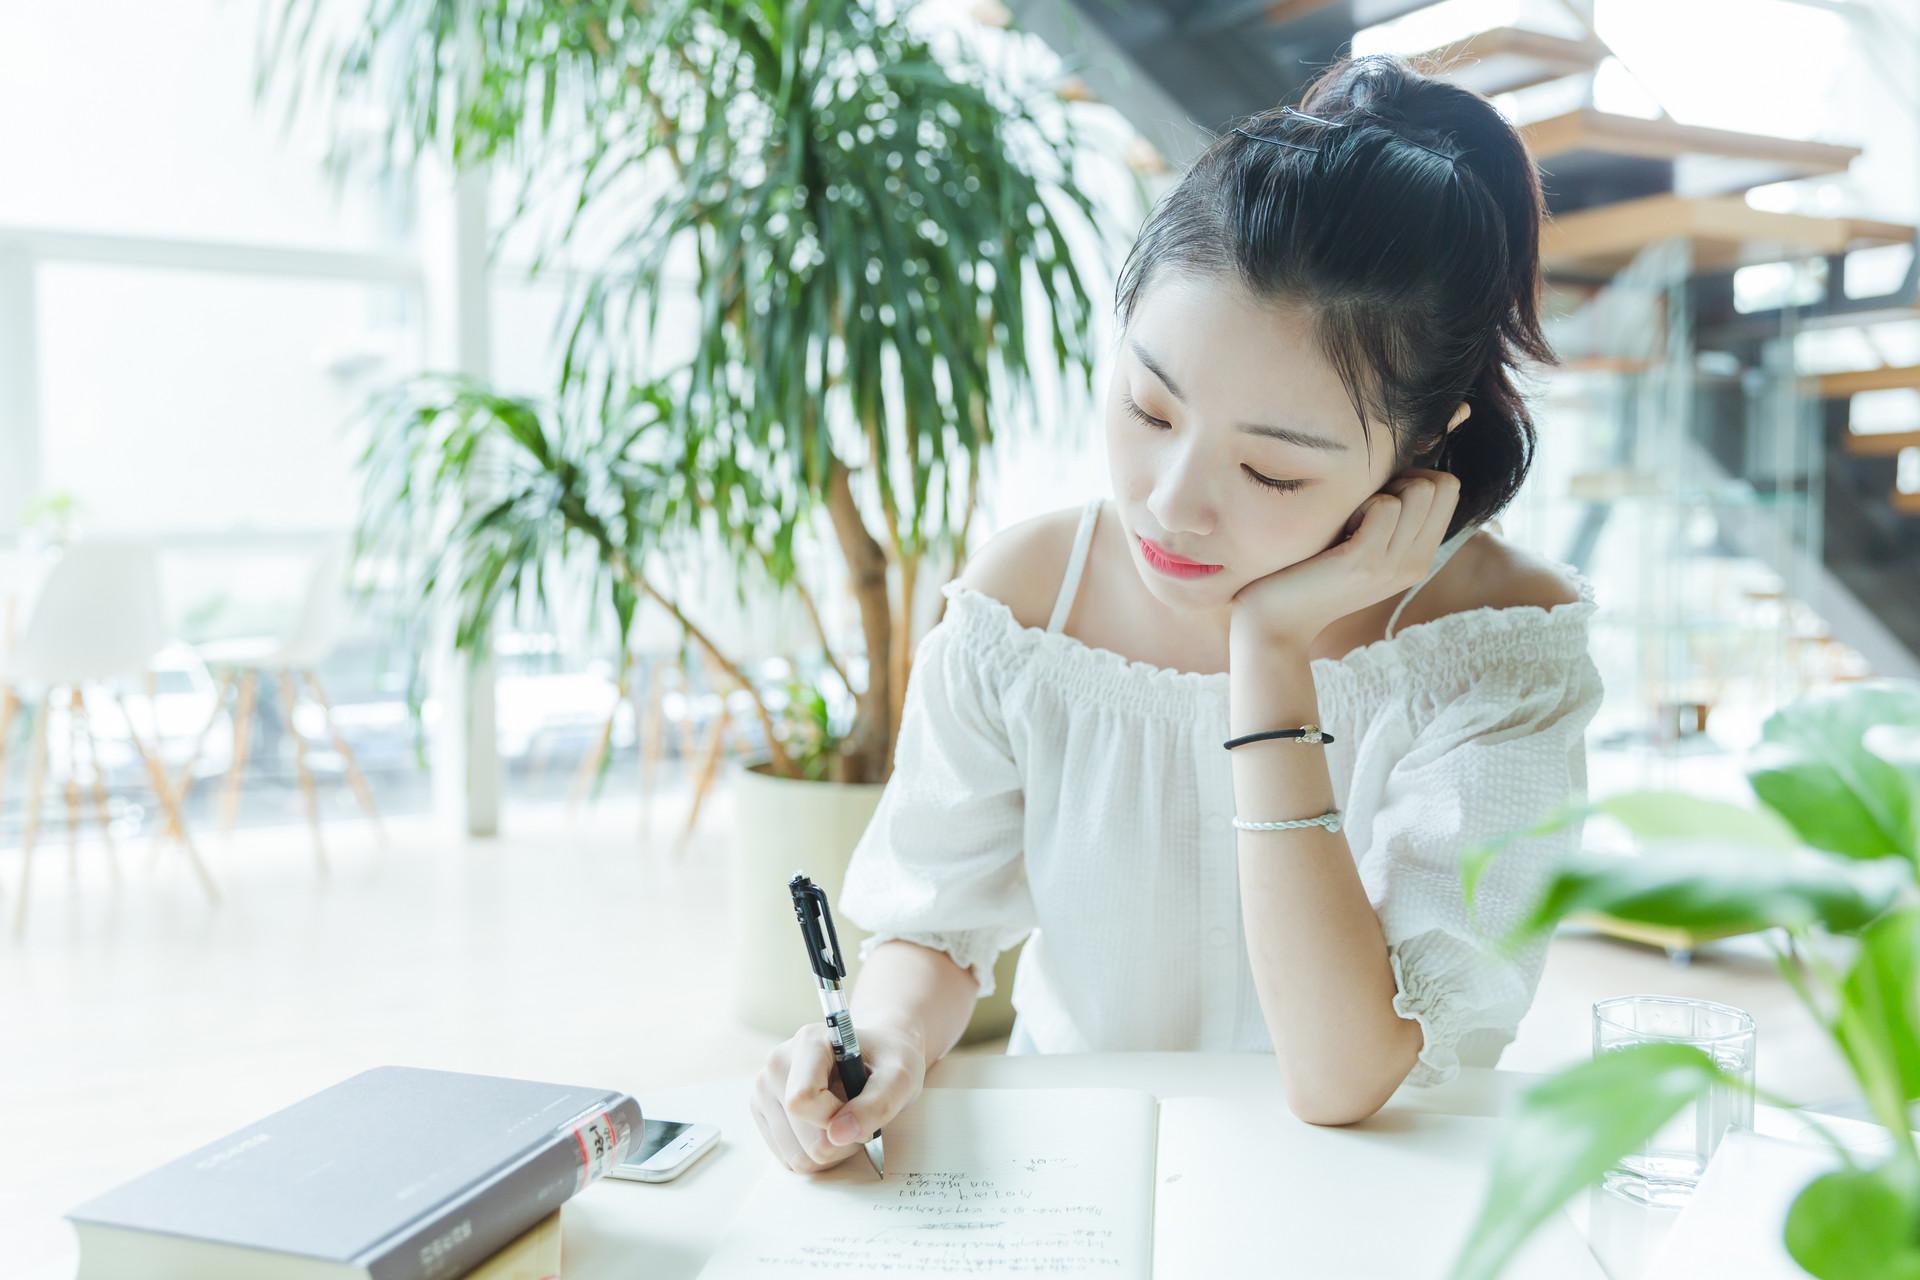 邢台市出国留学日语培训机构